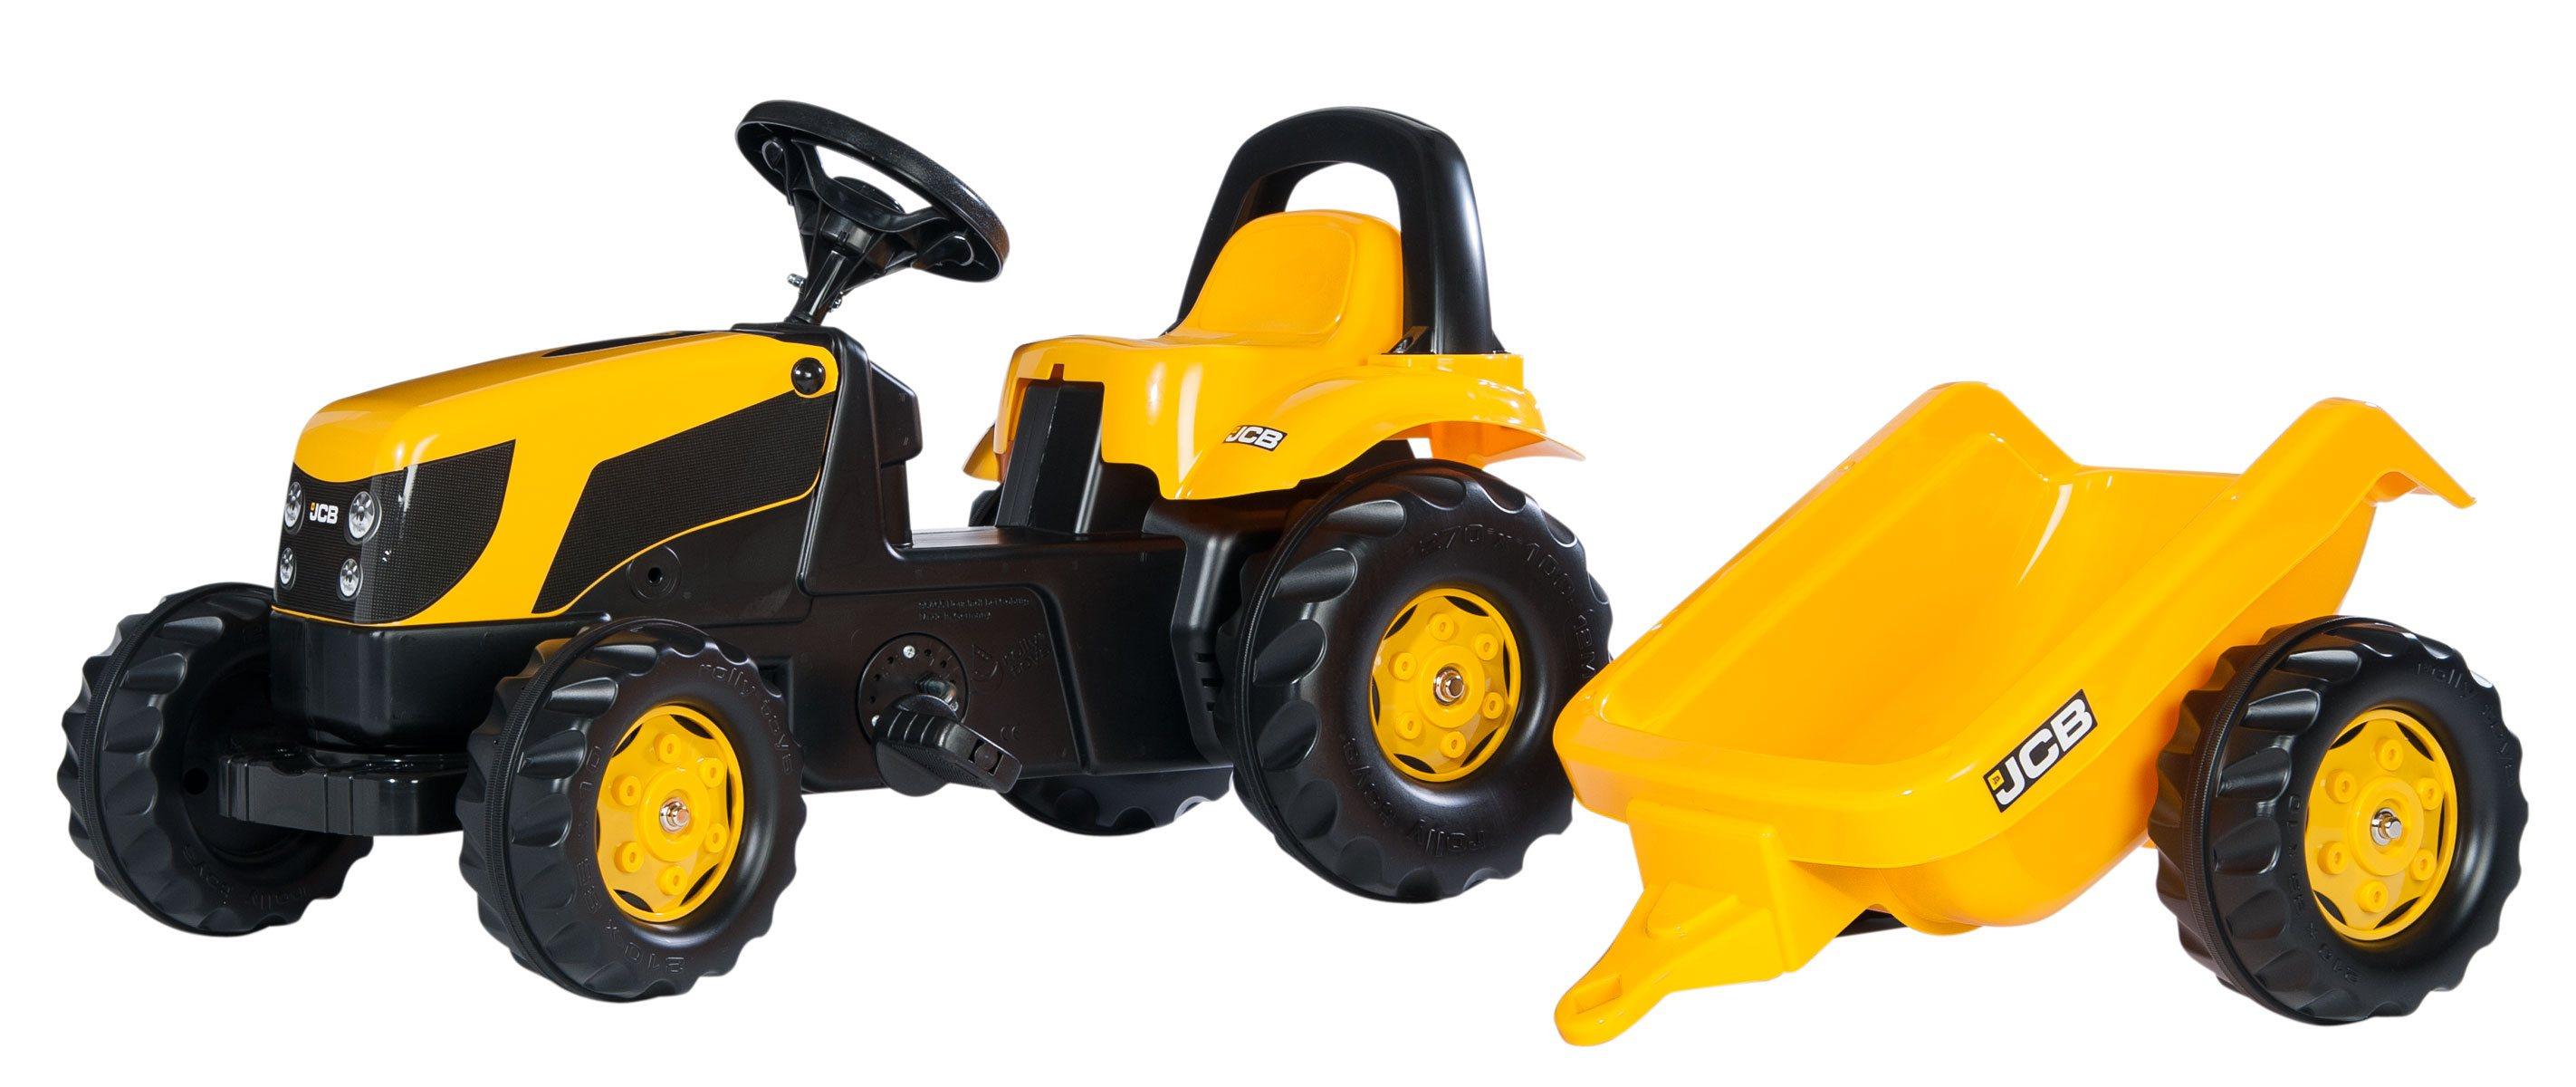 Tractor de pedales Jcb infantil con remolque width=